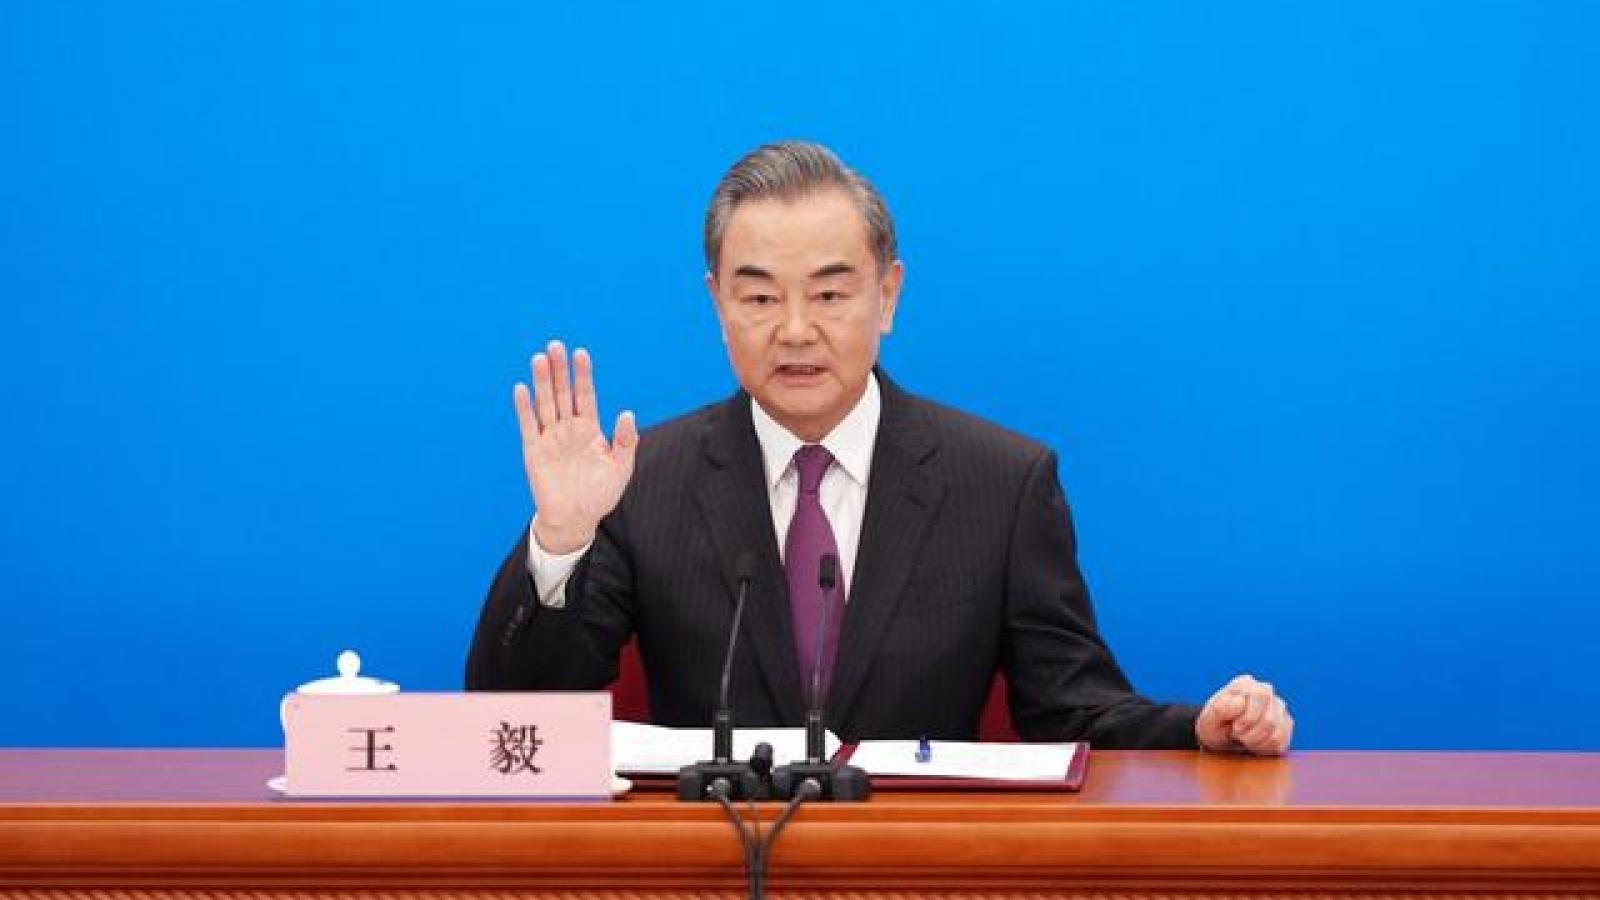 """Trung Quốc nói sẽ """"bổ túc"""" cho Mỹ về cách đối xử bình đẳng với các nước khác"""